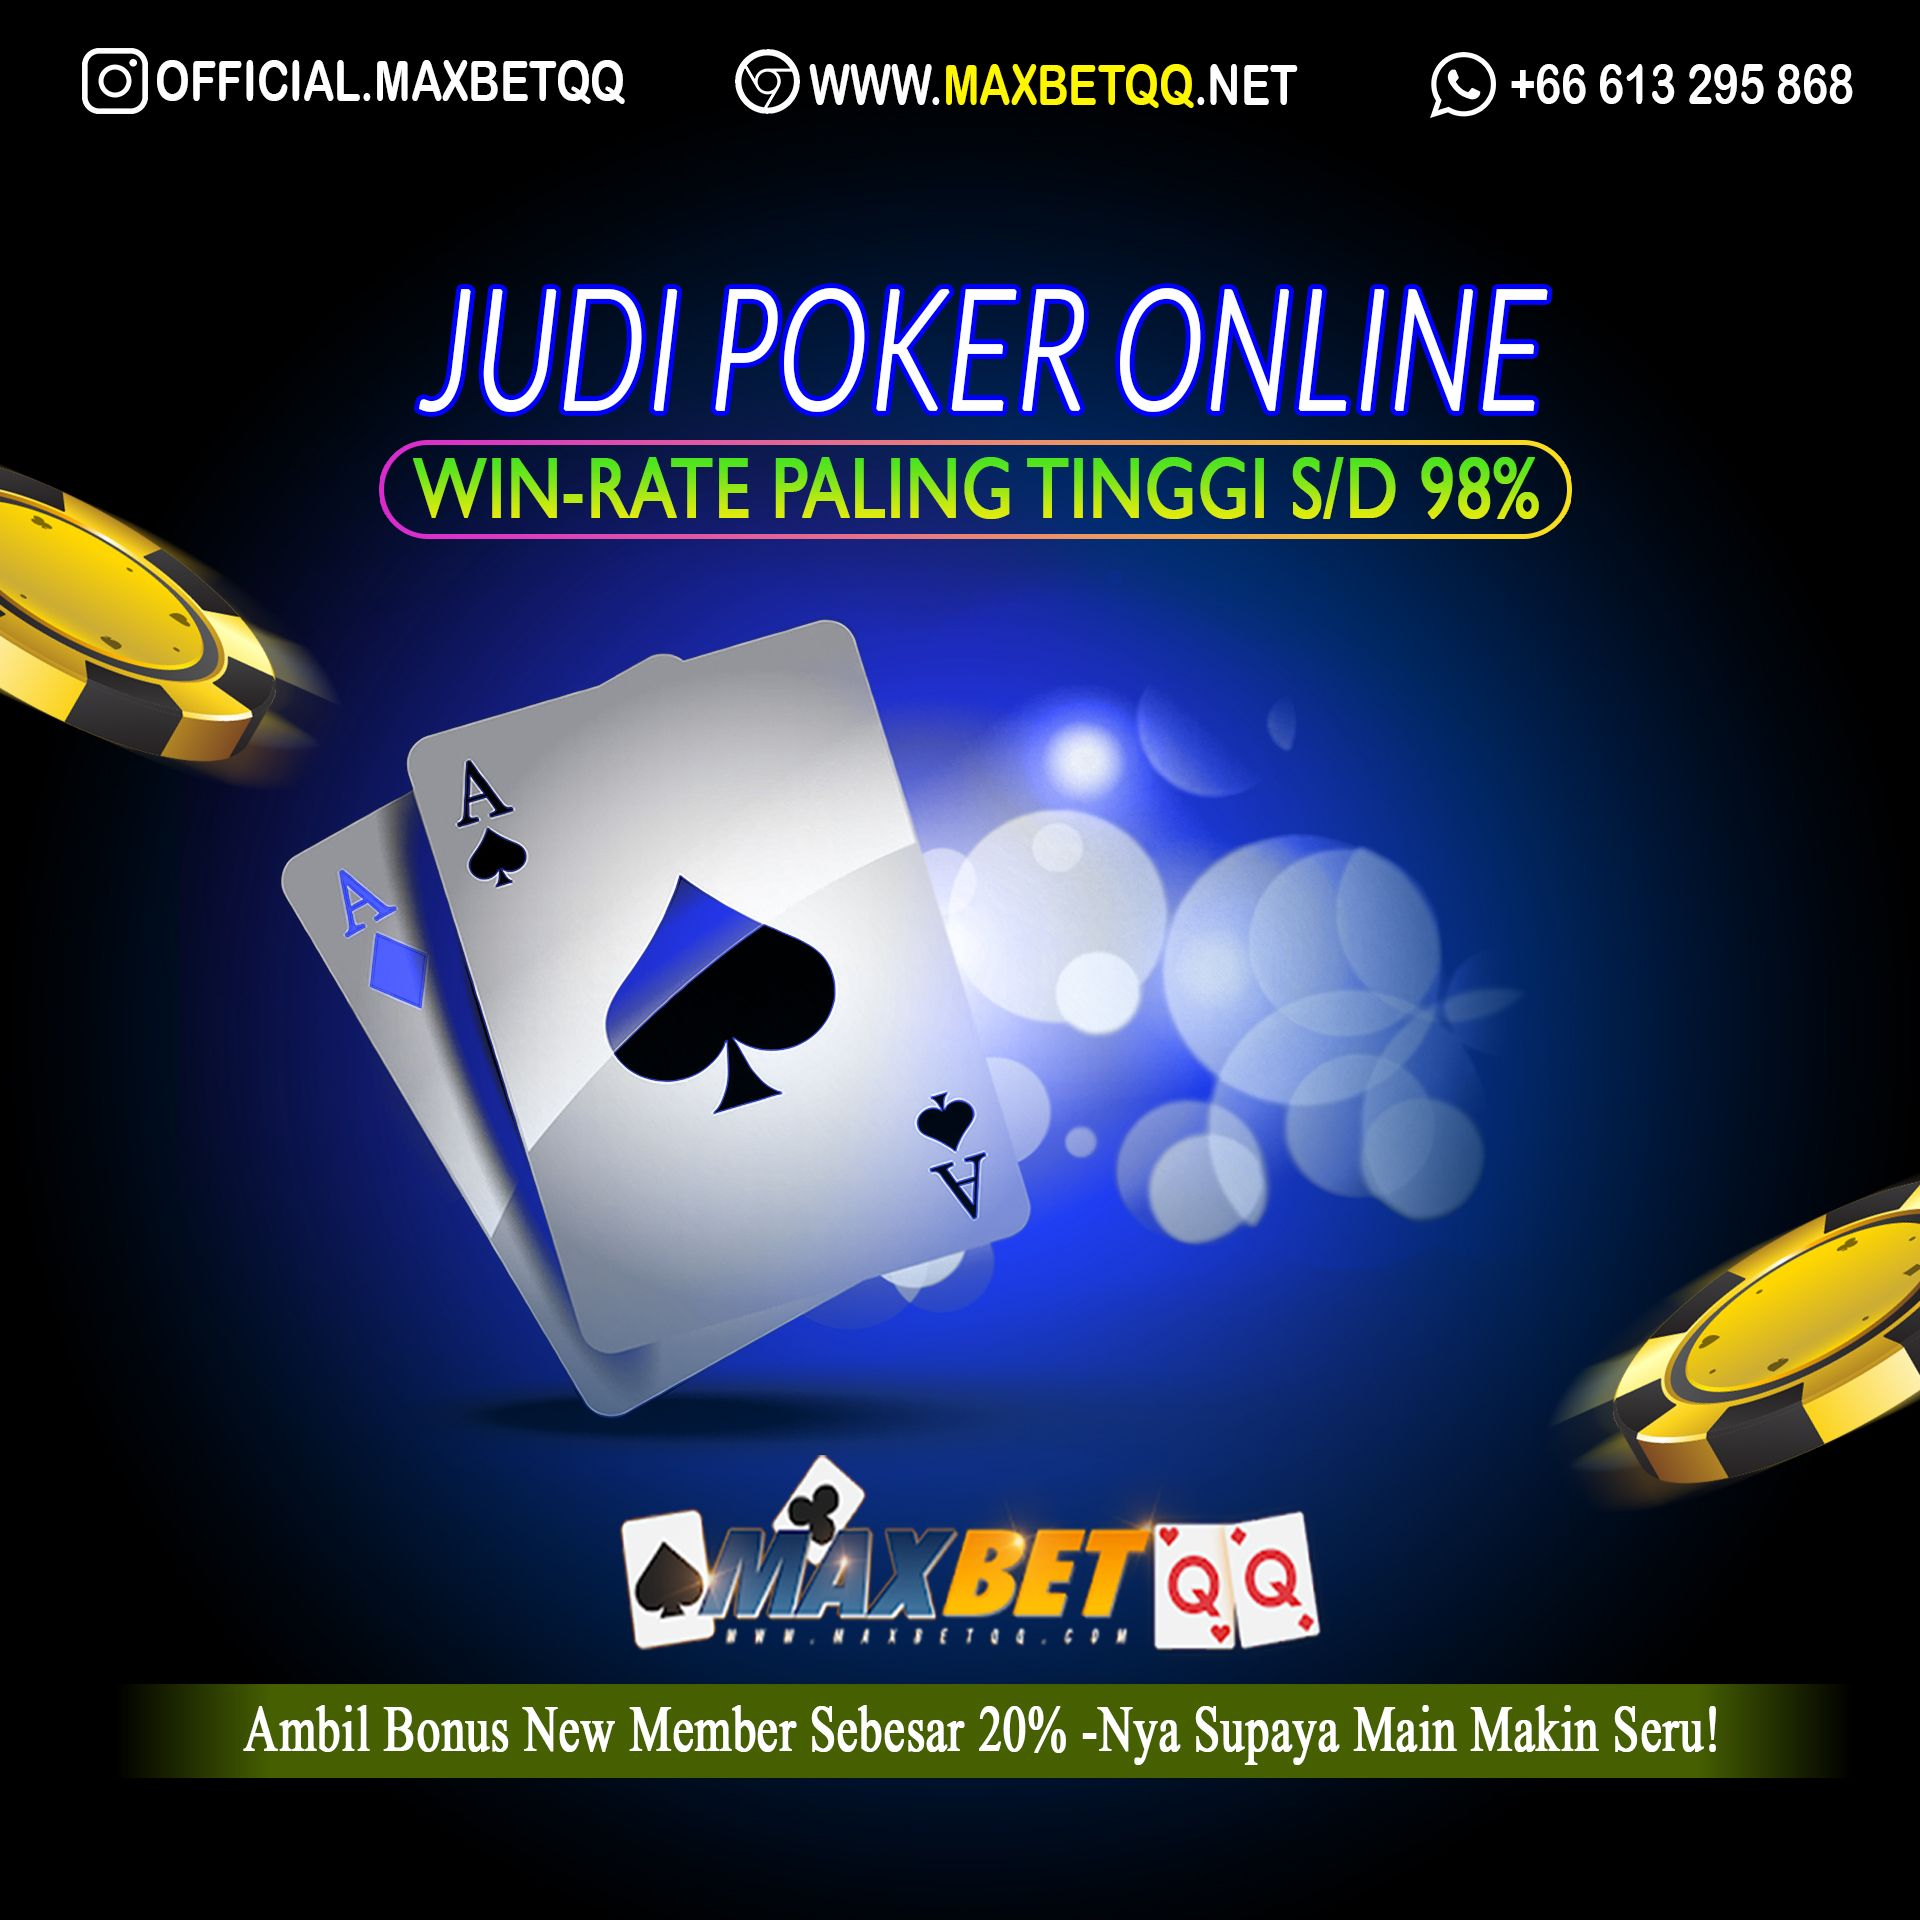 Situs Maxbetqq Adalah Domino99 Atau Pokerqq Yang Merupakan Situs Poker Yang Menjual Game Qq Online Poker Game Kartu